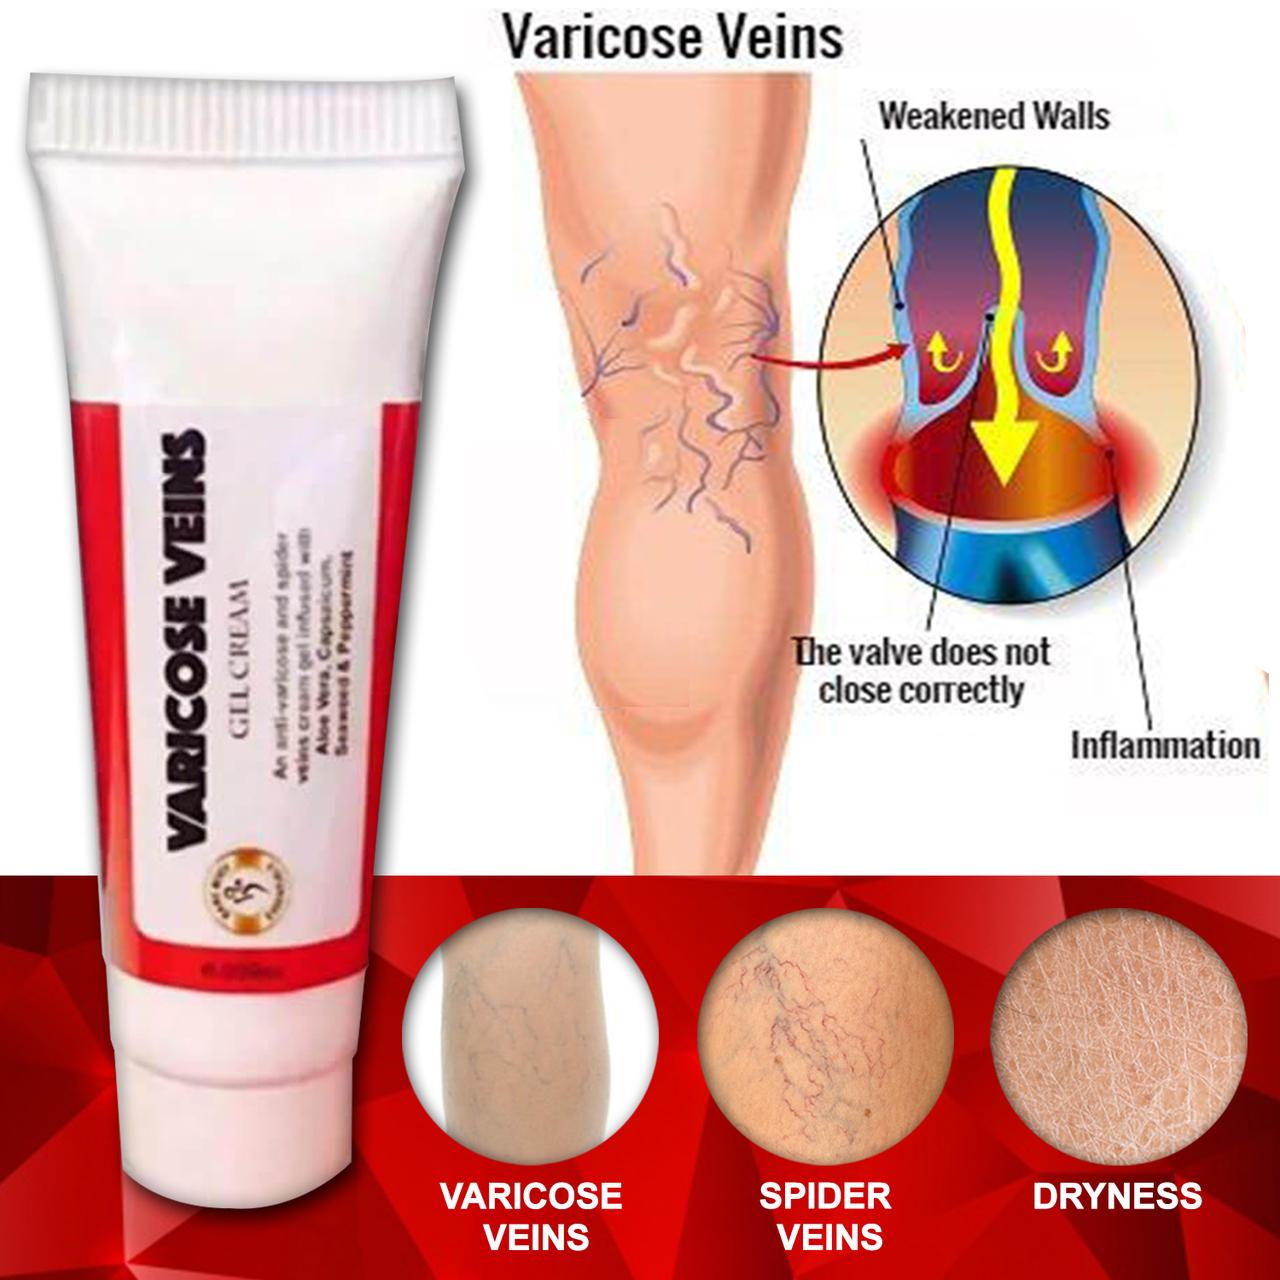 anti varicose cream